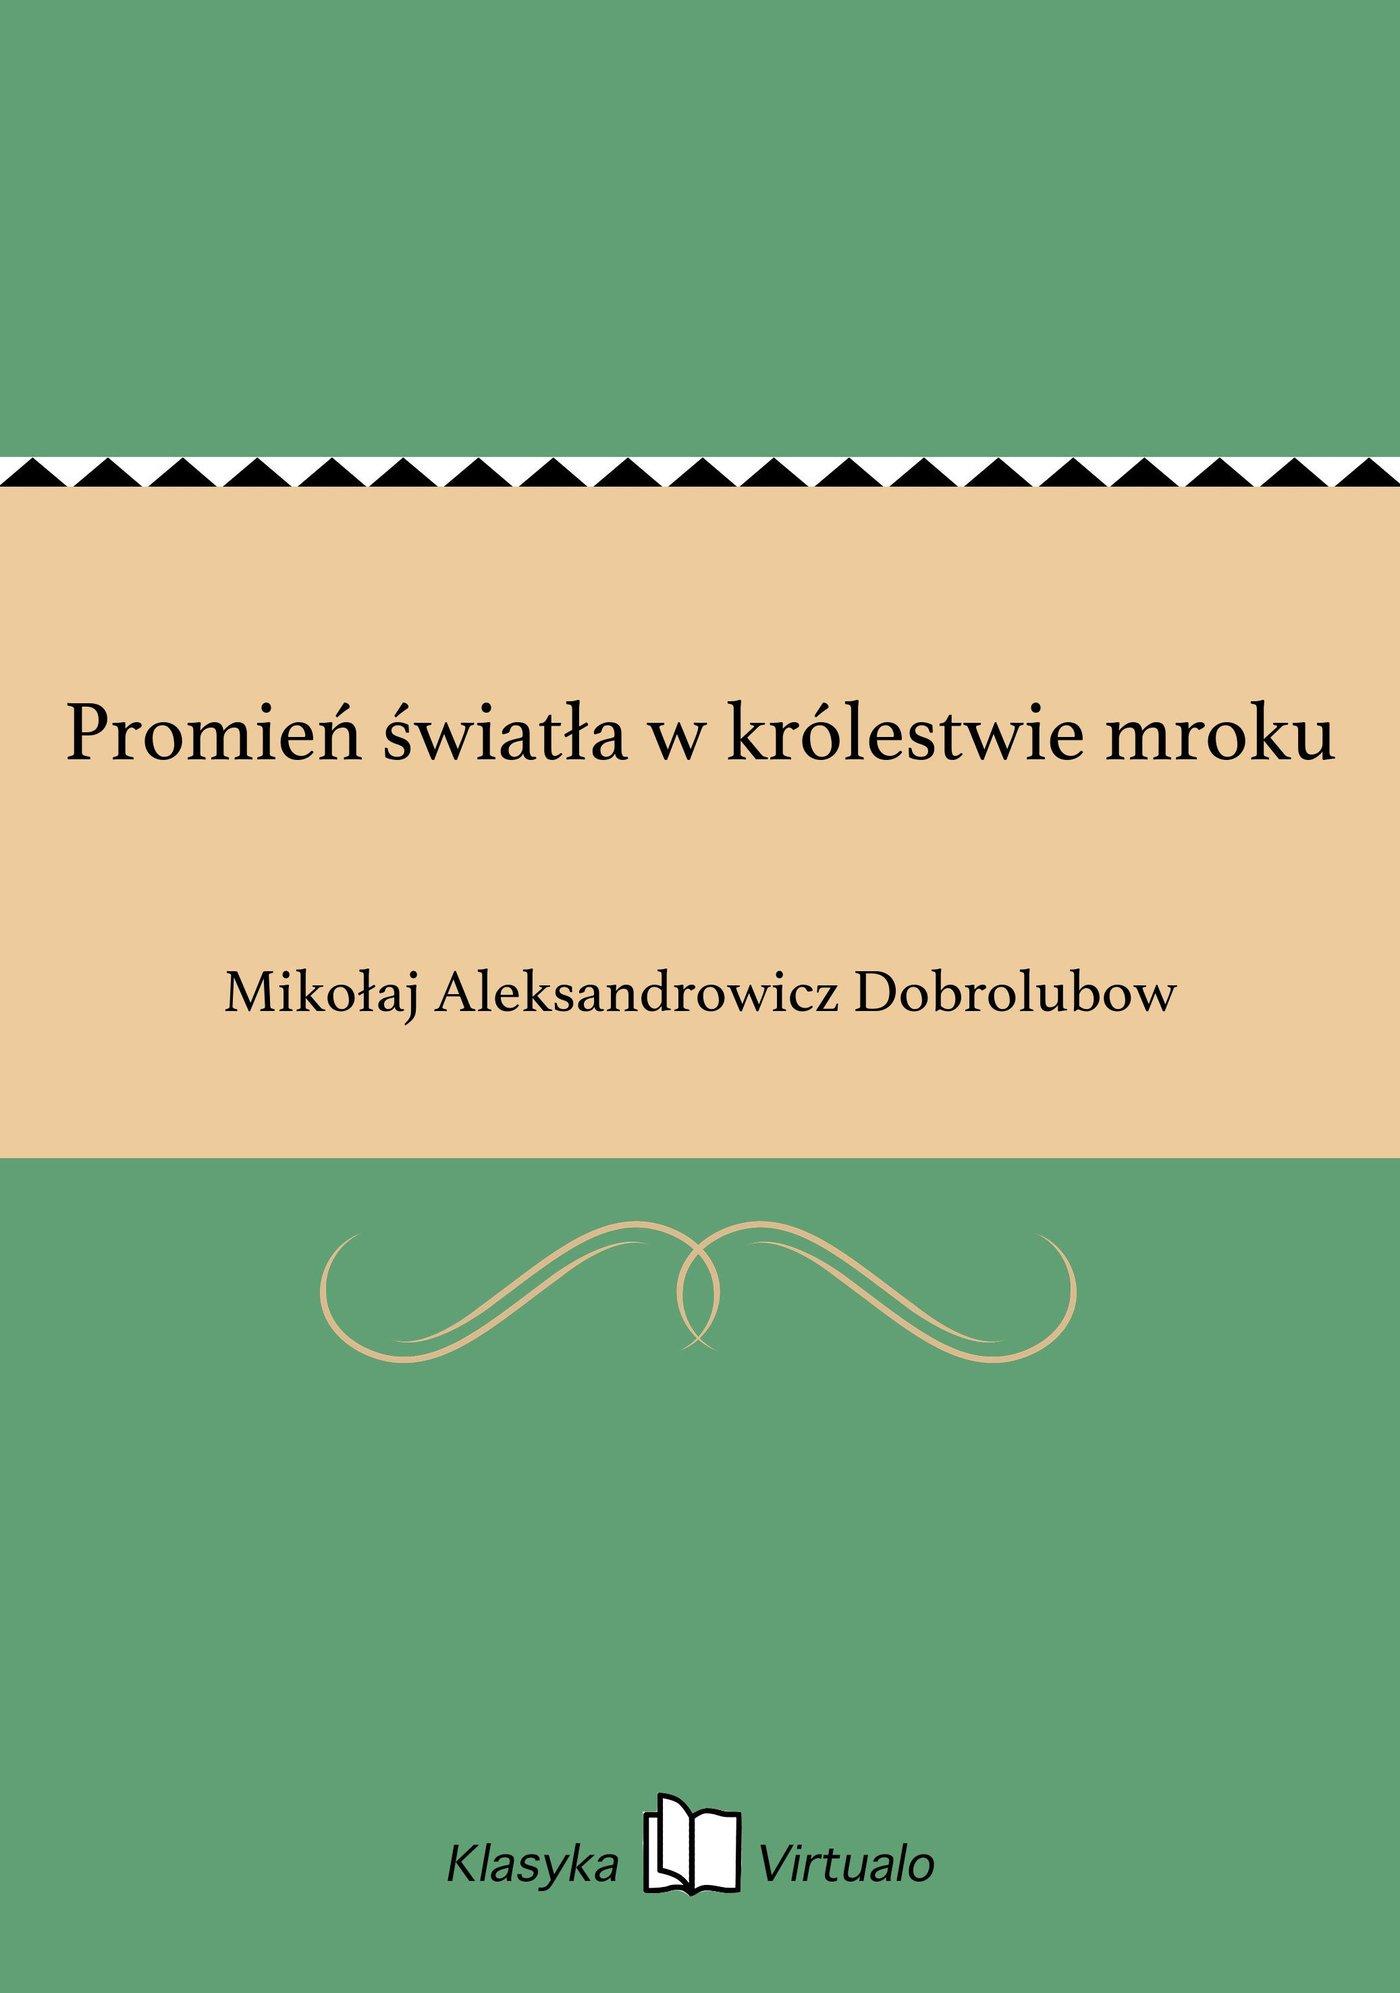 Promień światła w królestwie mroku - Ebook (Książka EPUB) do pobrania w formacie EPUB